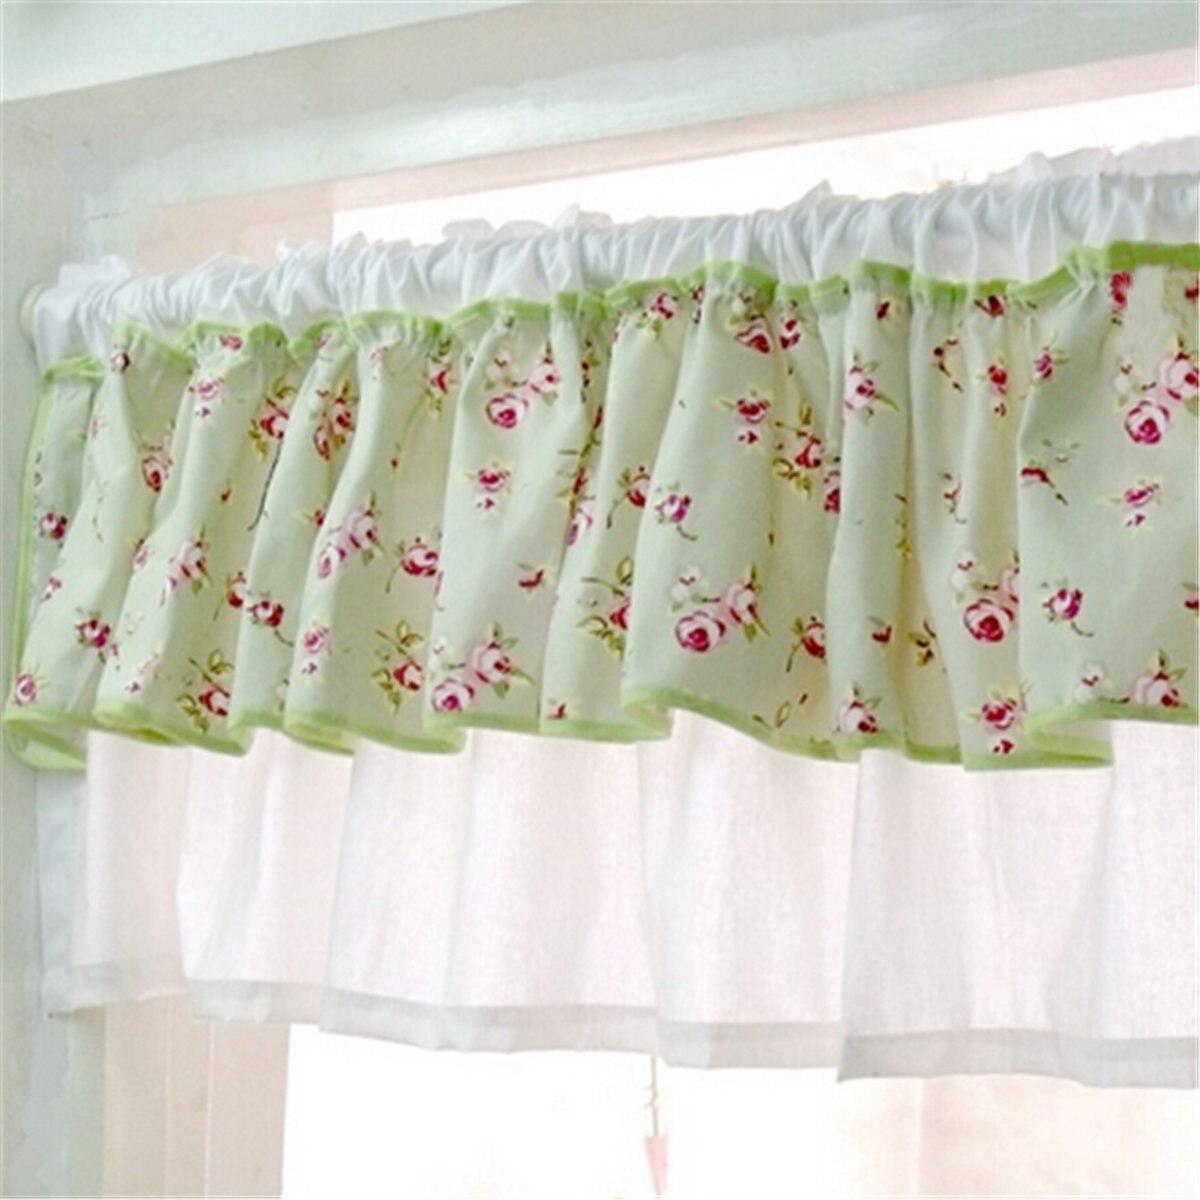 pastoral tela verde flor de la ventana de impresin cortina cenefa pura cortina cortinas para puertas